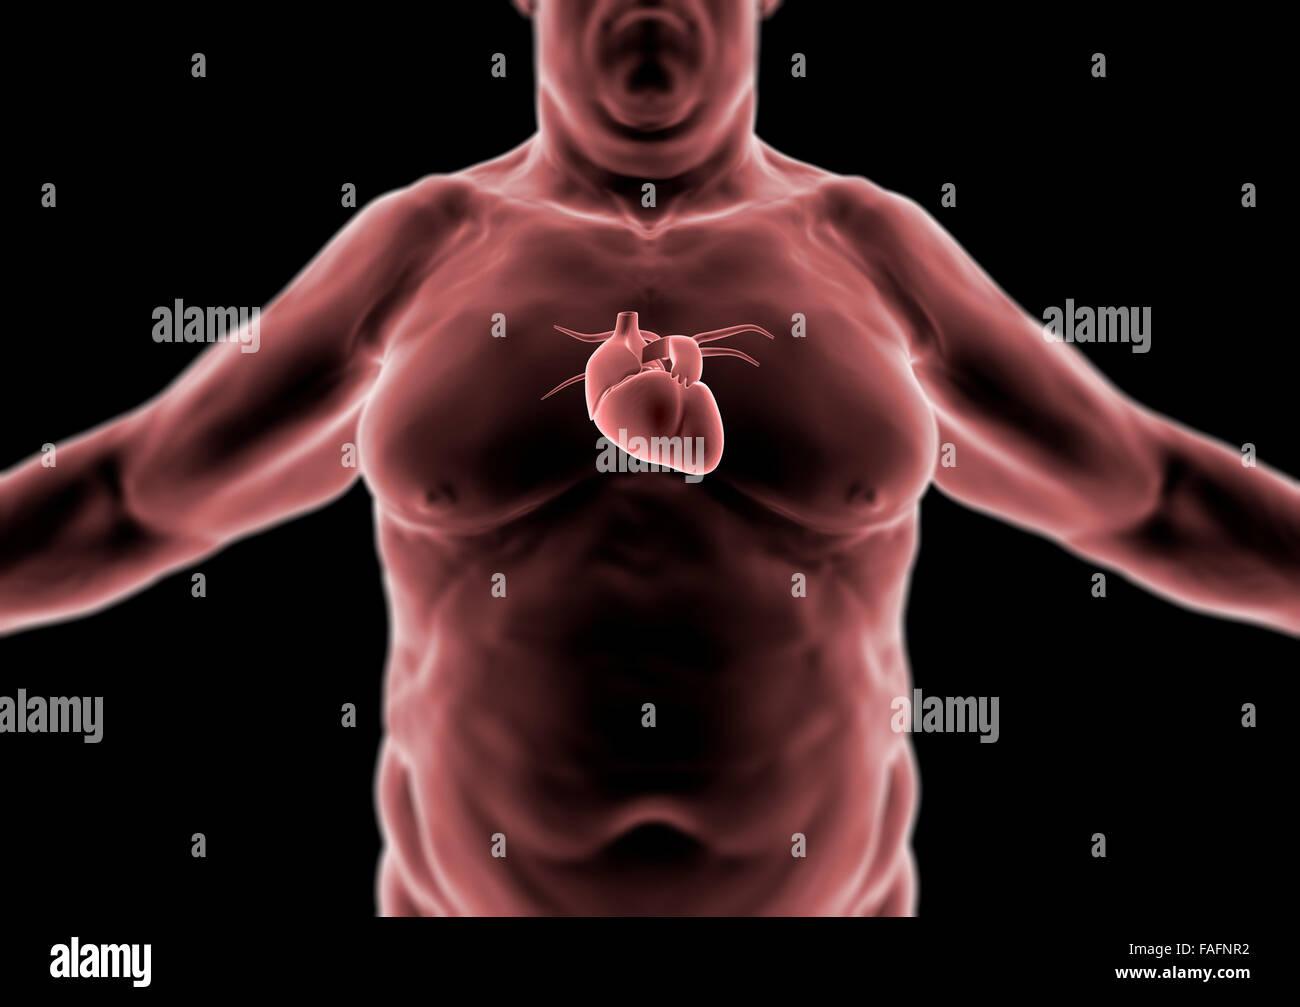 menschliche Körper in 3D, Dicke Person, Herz und Anatomie ...